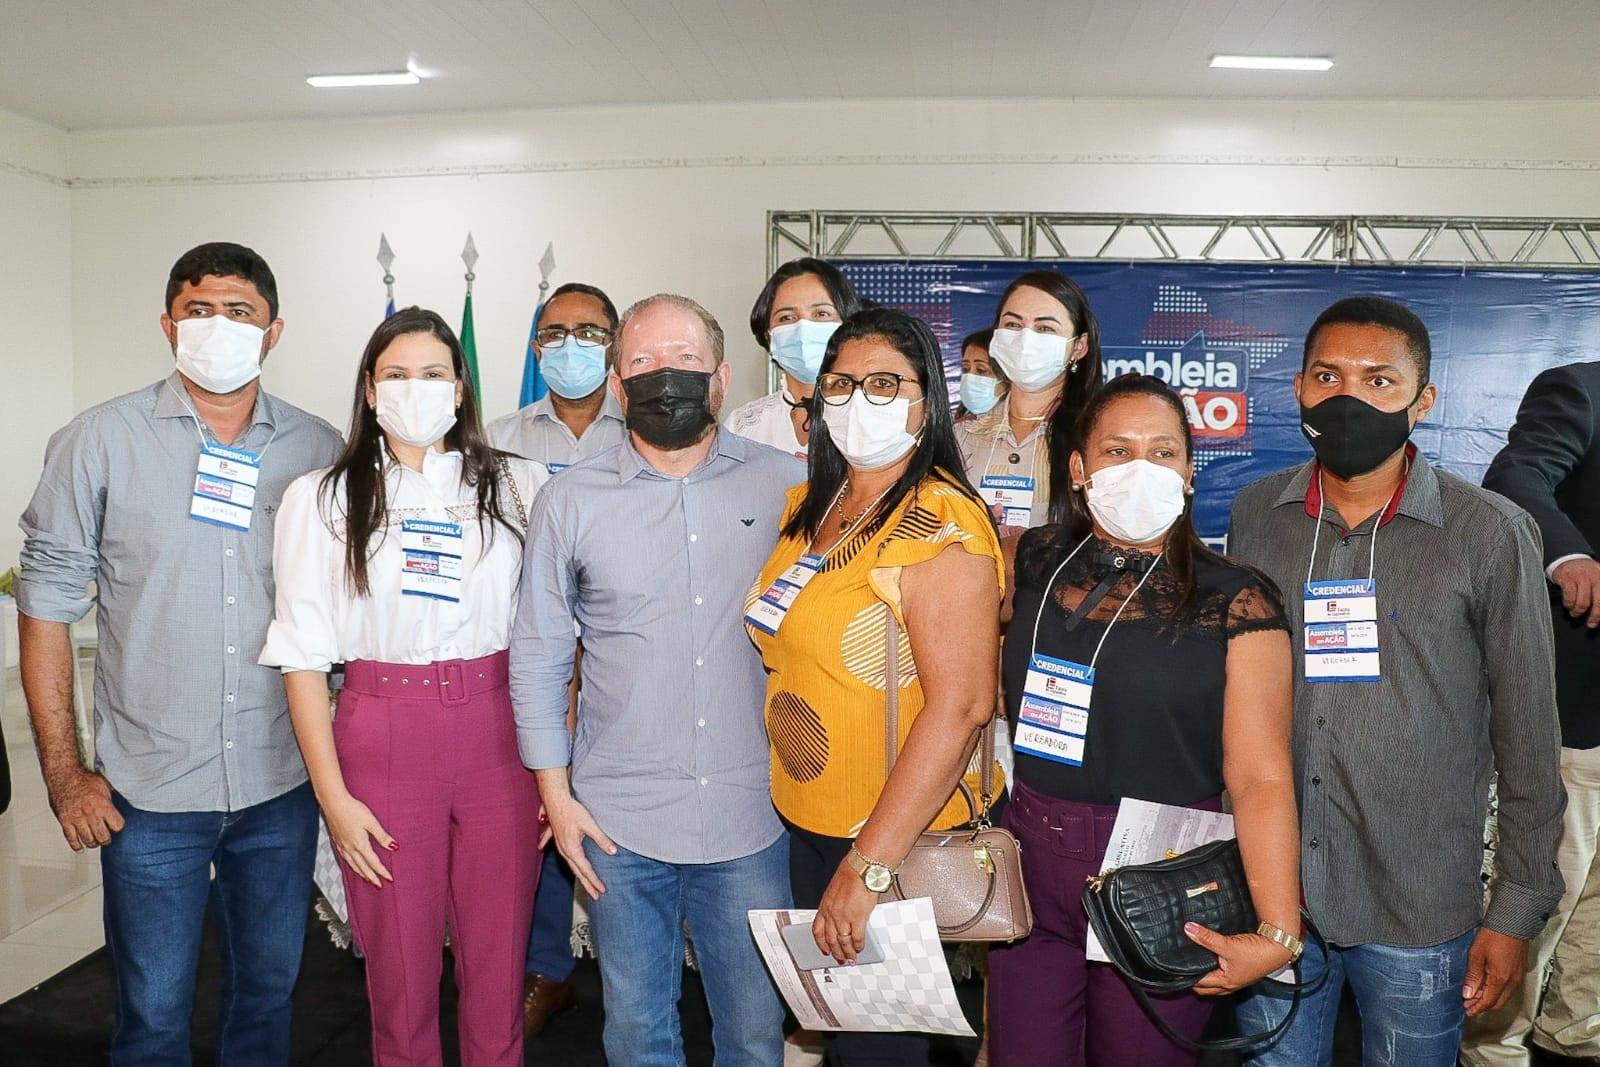 Othelino Neto com participantes do evento, que retomou suas atividades pela região do Vale do Pindaré